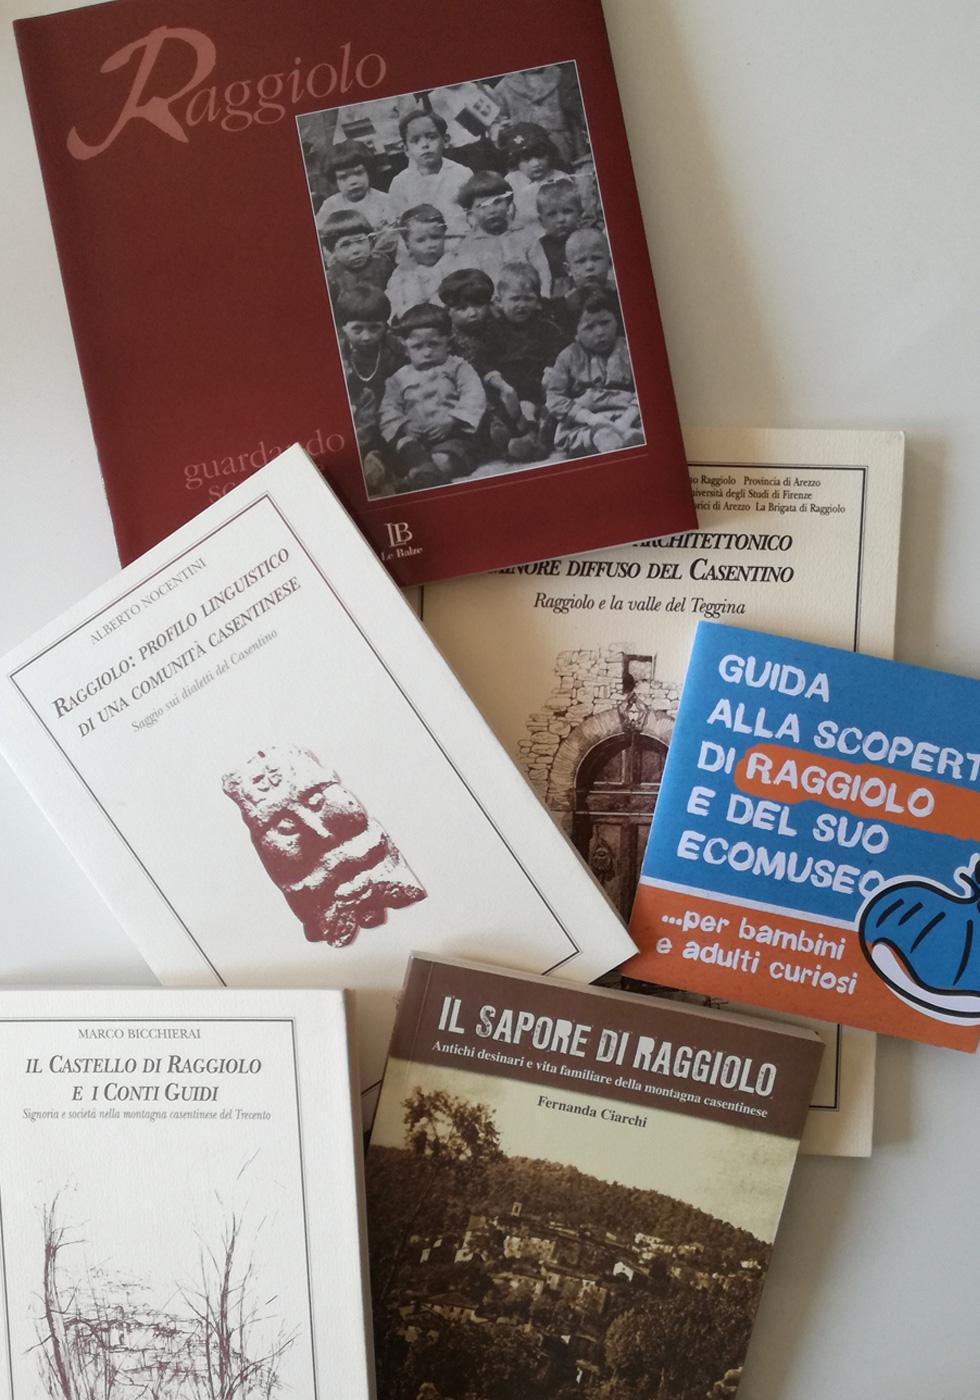 L'attività editoriale della brigata